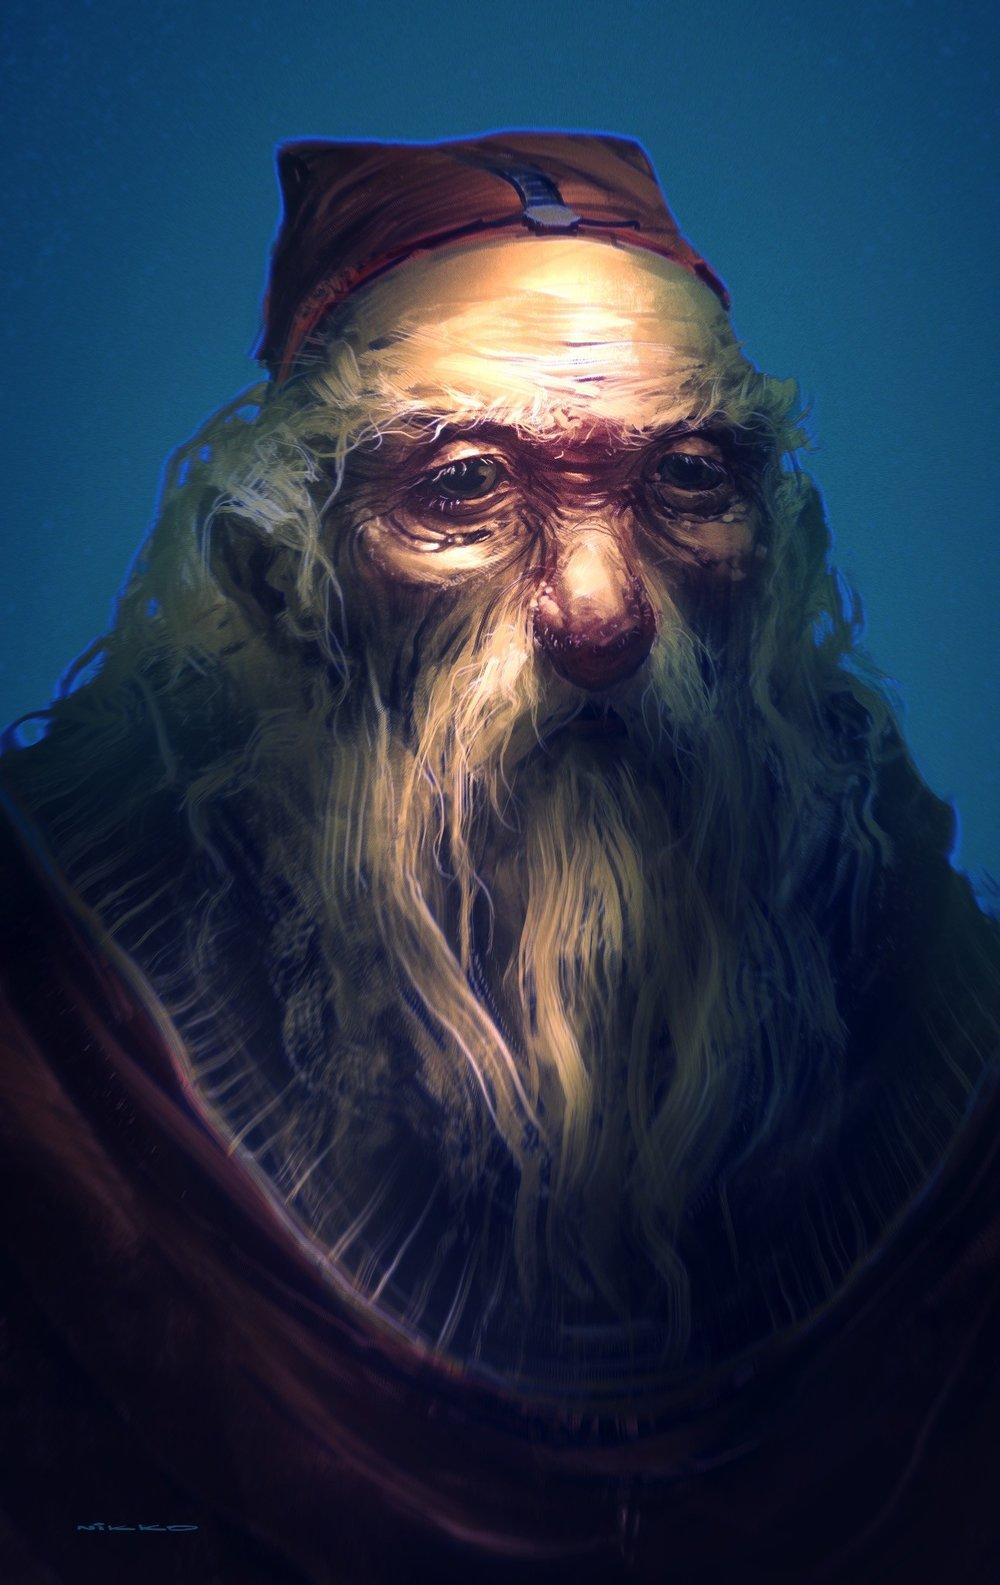 Nikolai_Lockersten_fablehatch_digital_artist_illustration_0058.jpg